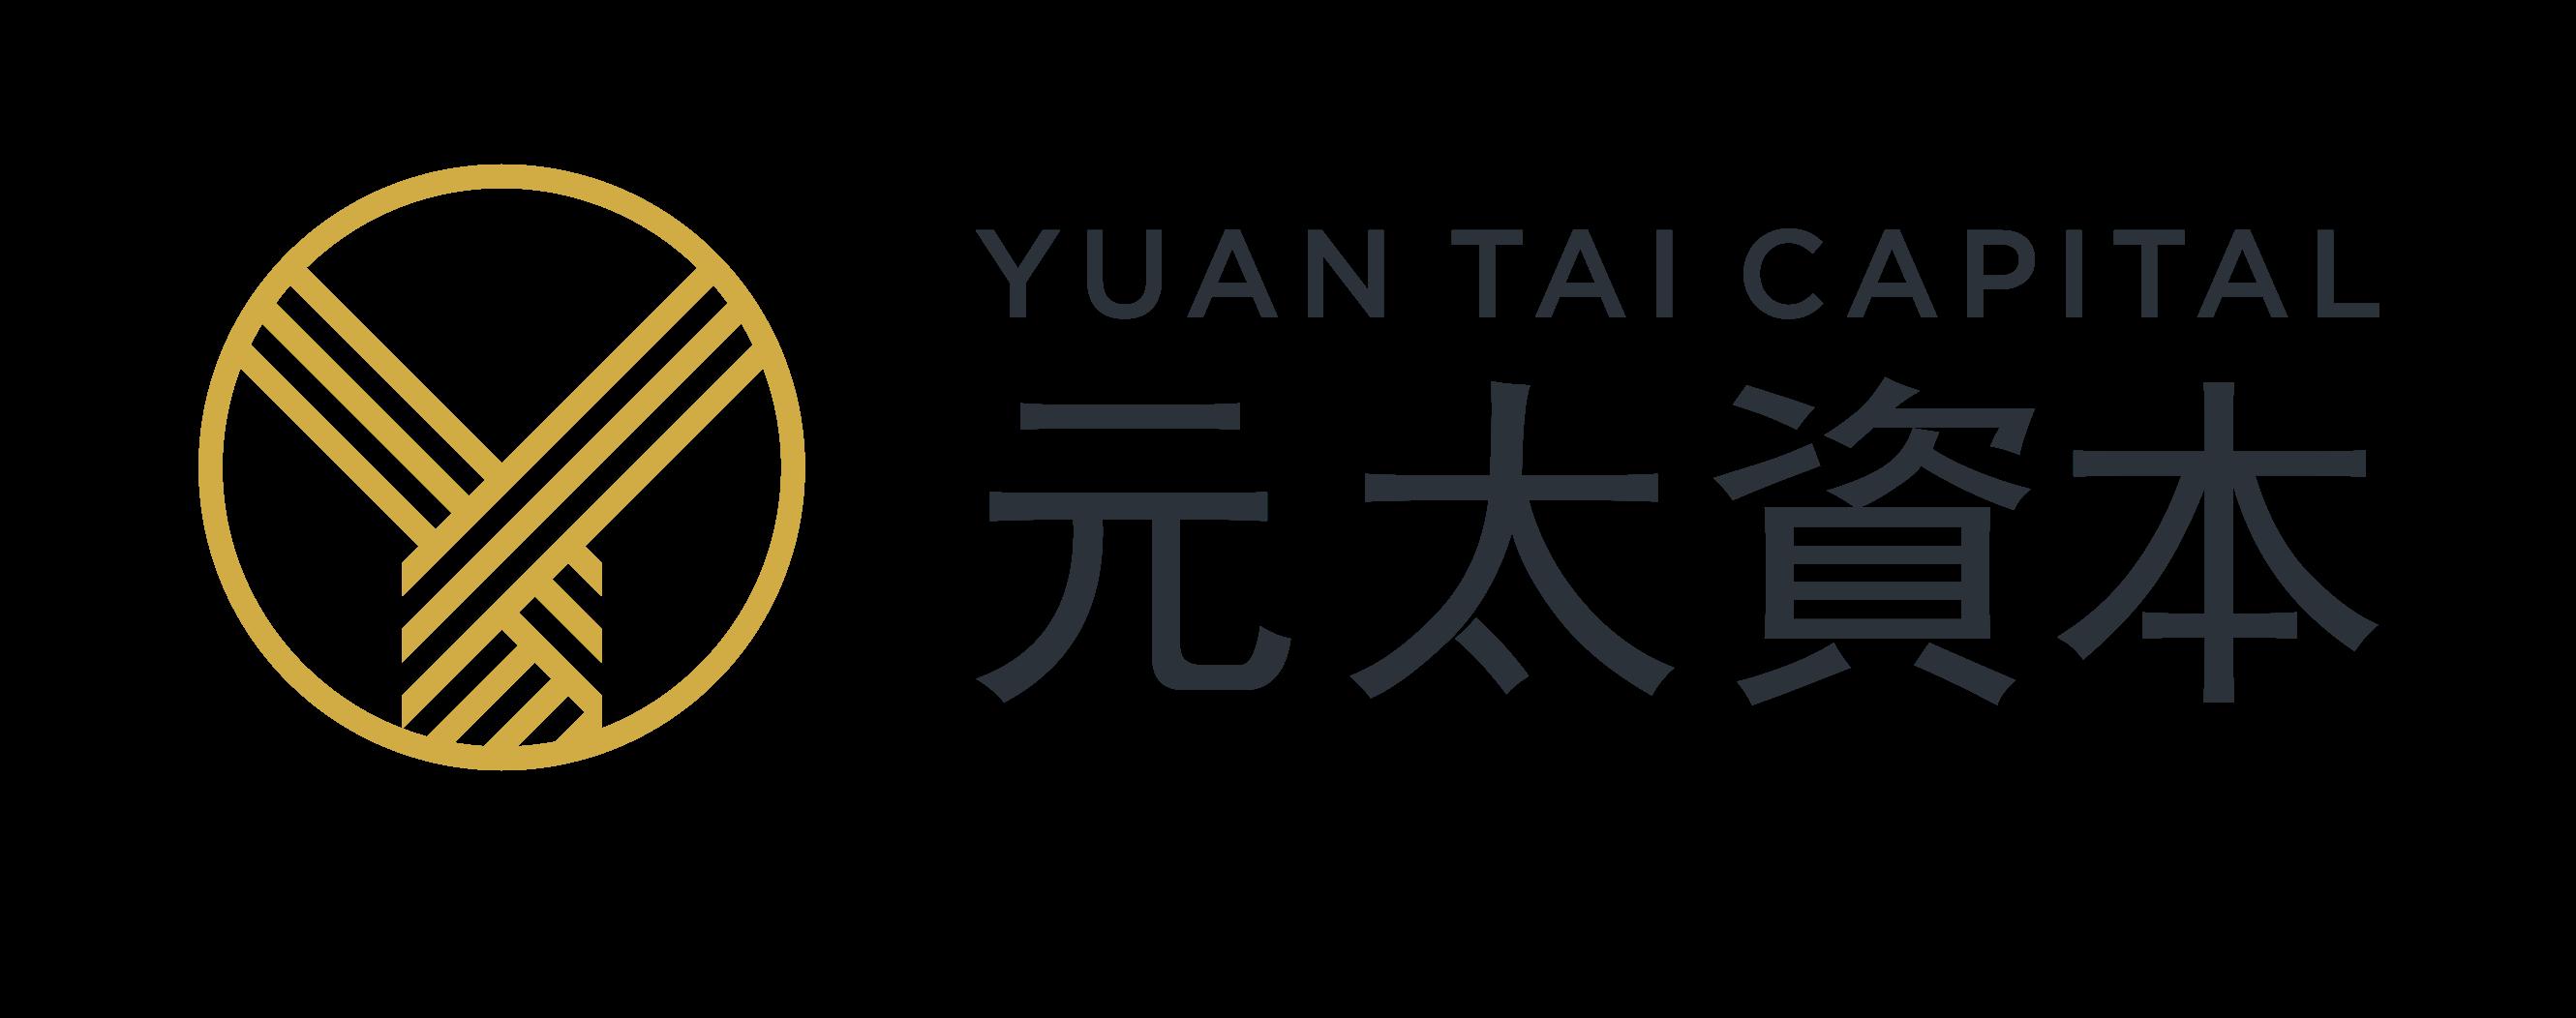 Yuan Tai Capital